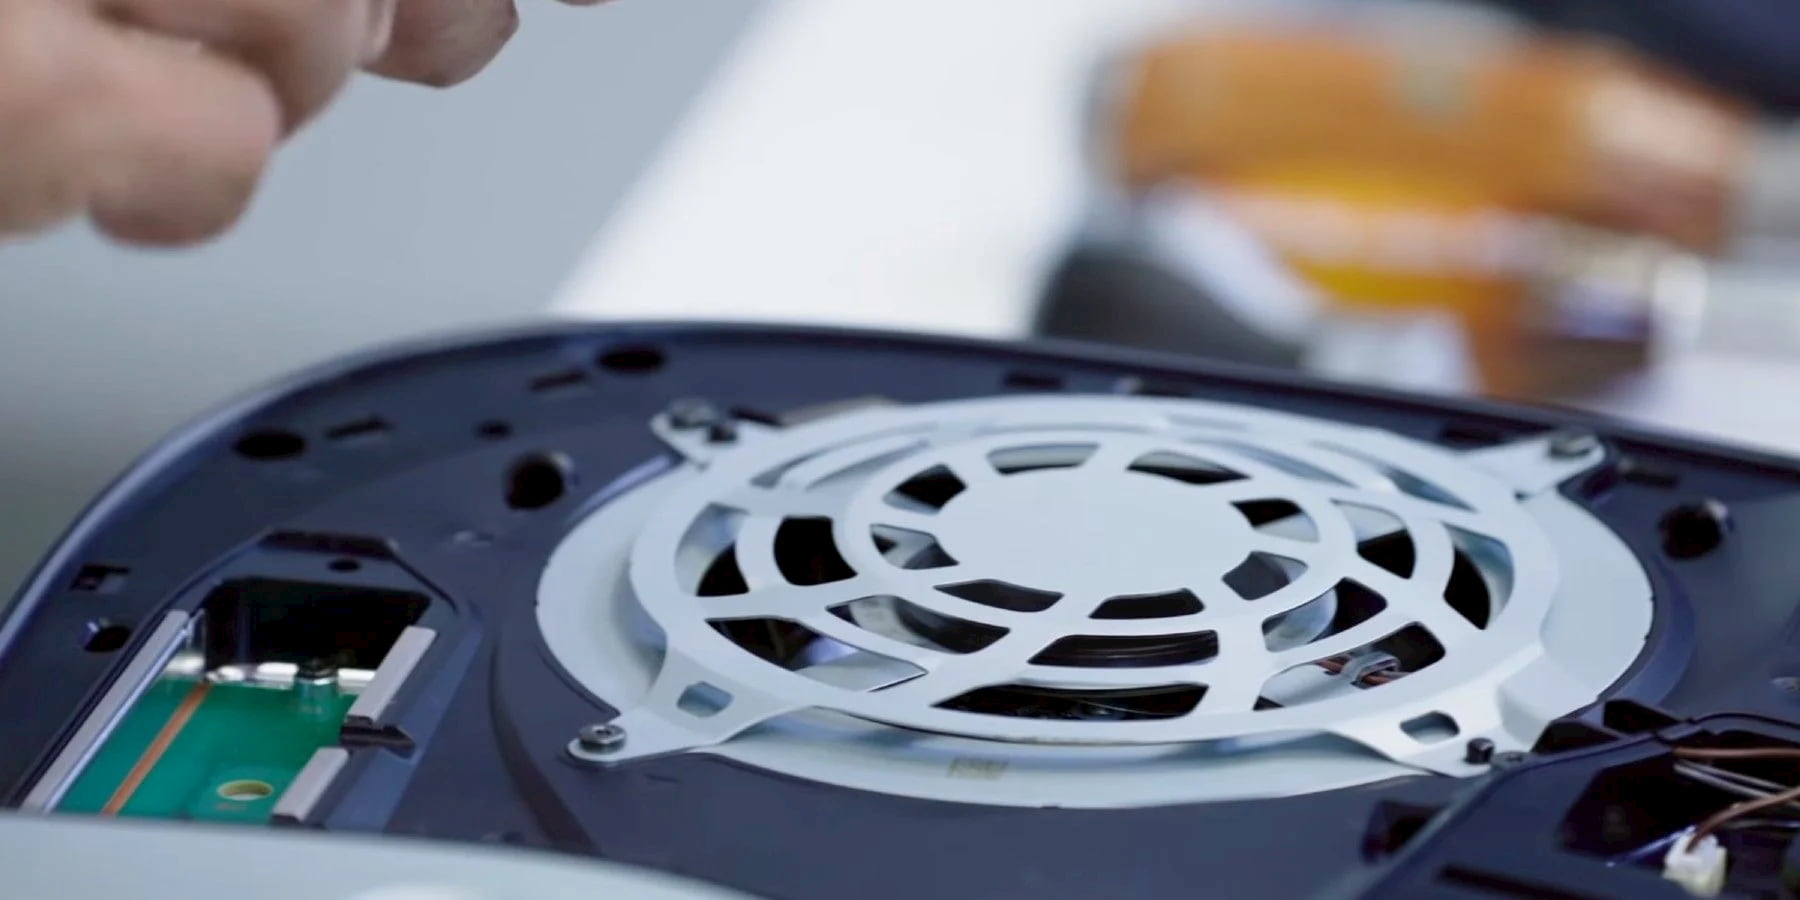 ¿Suena de forma extraña tu PS5? ¡Así puedes arreglarlo!